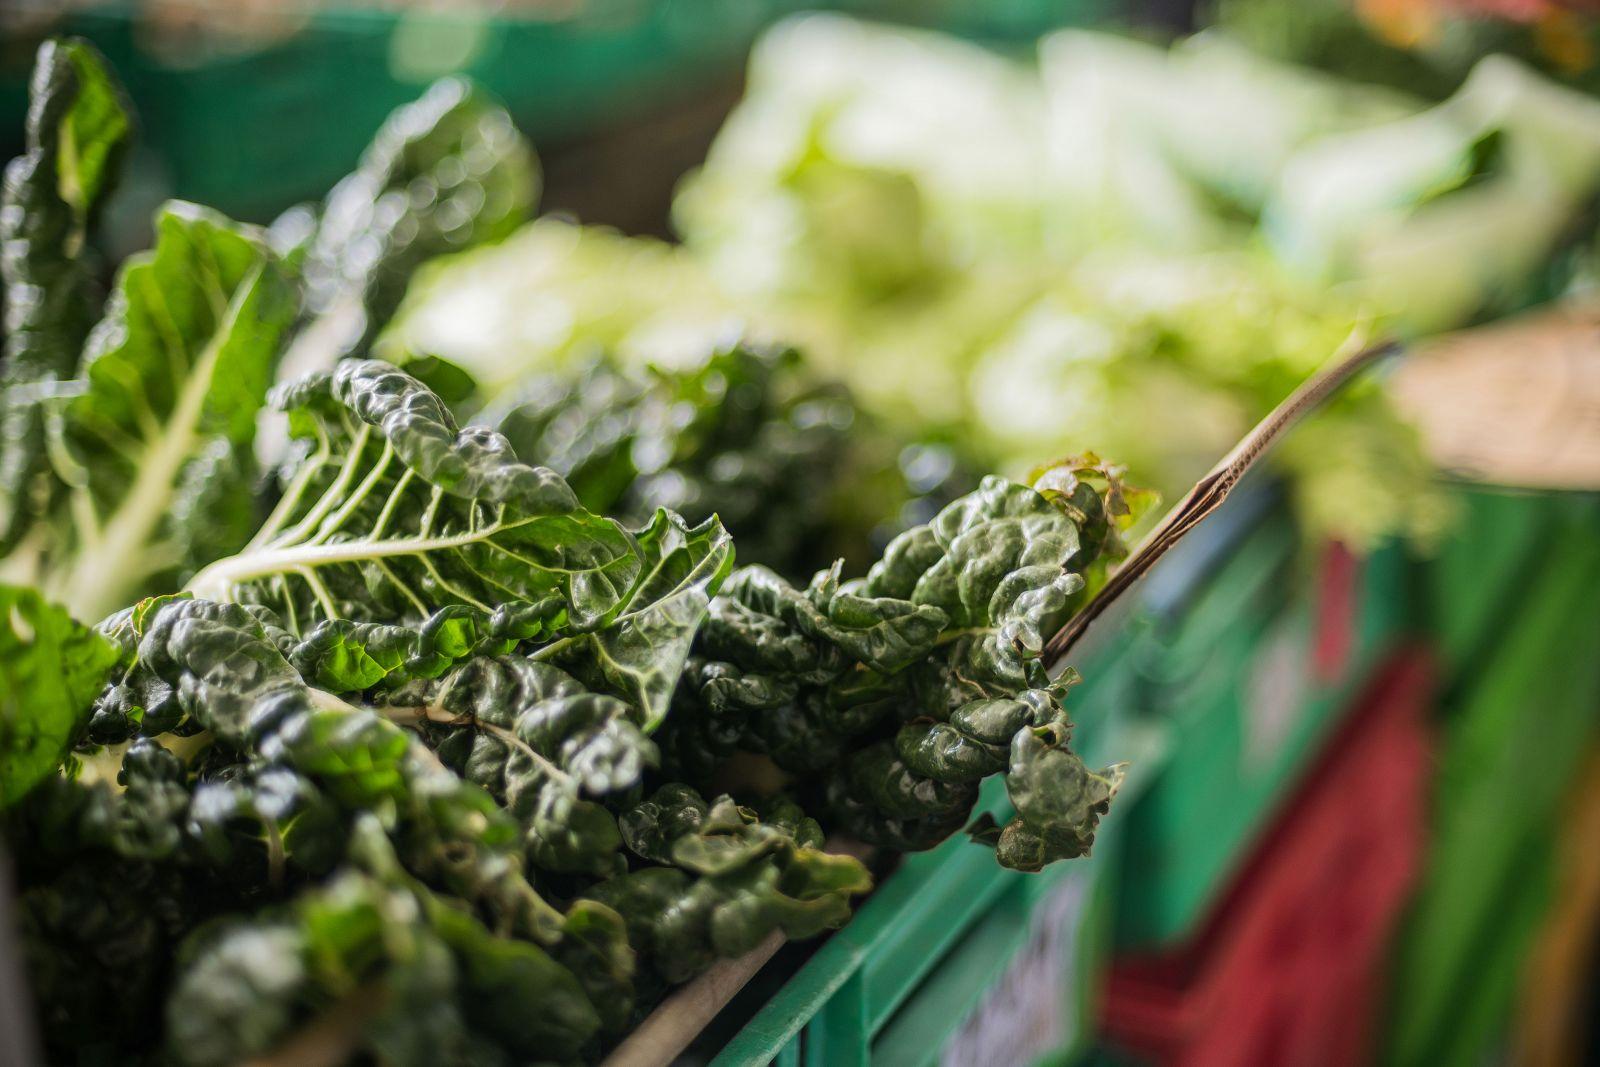 vegetable market produce